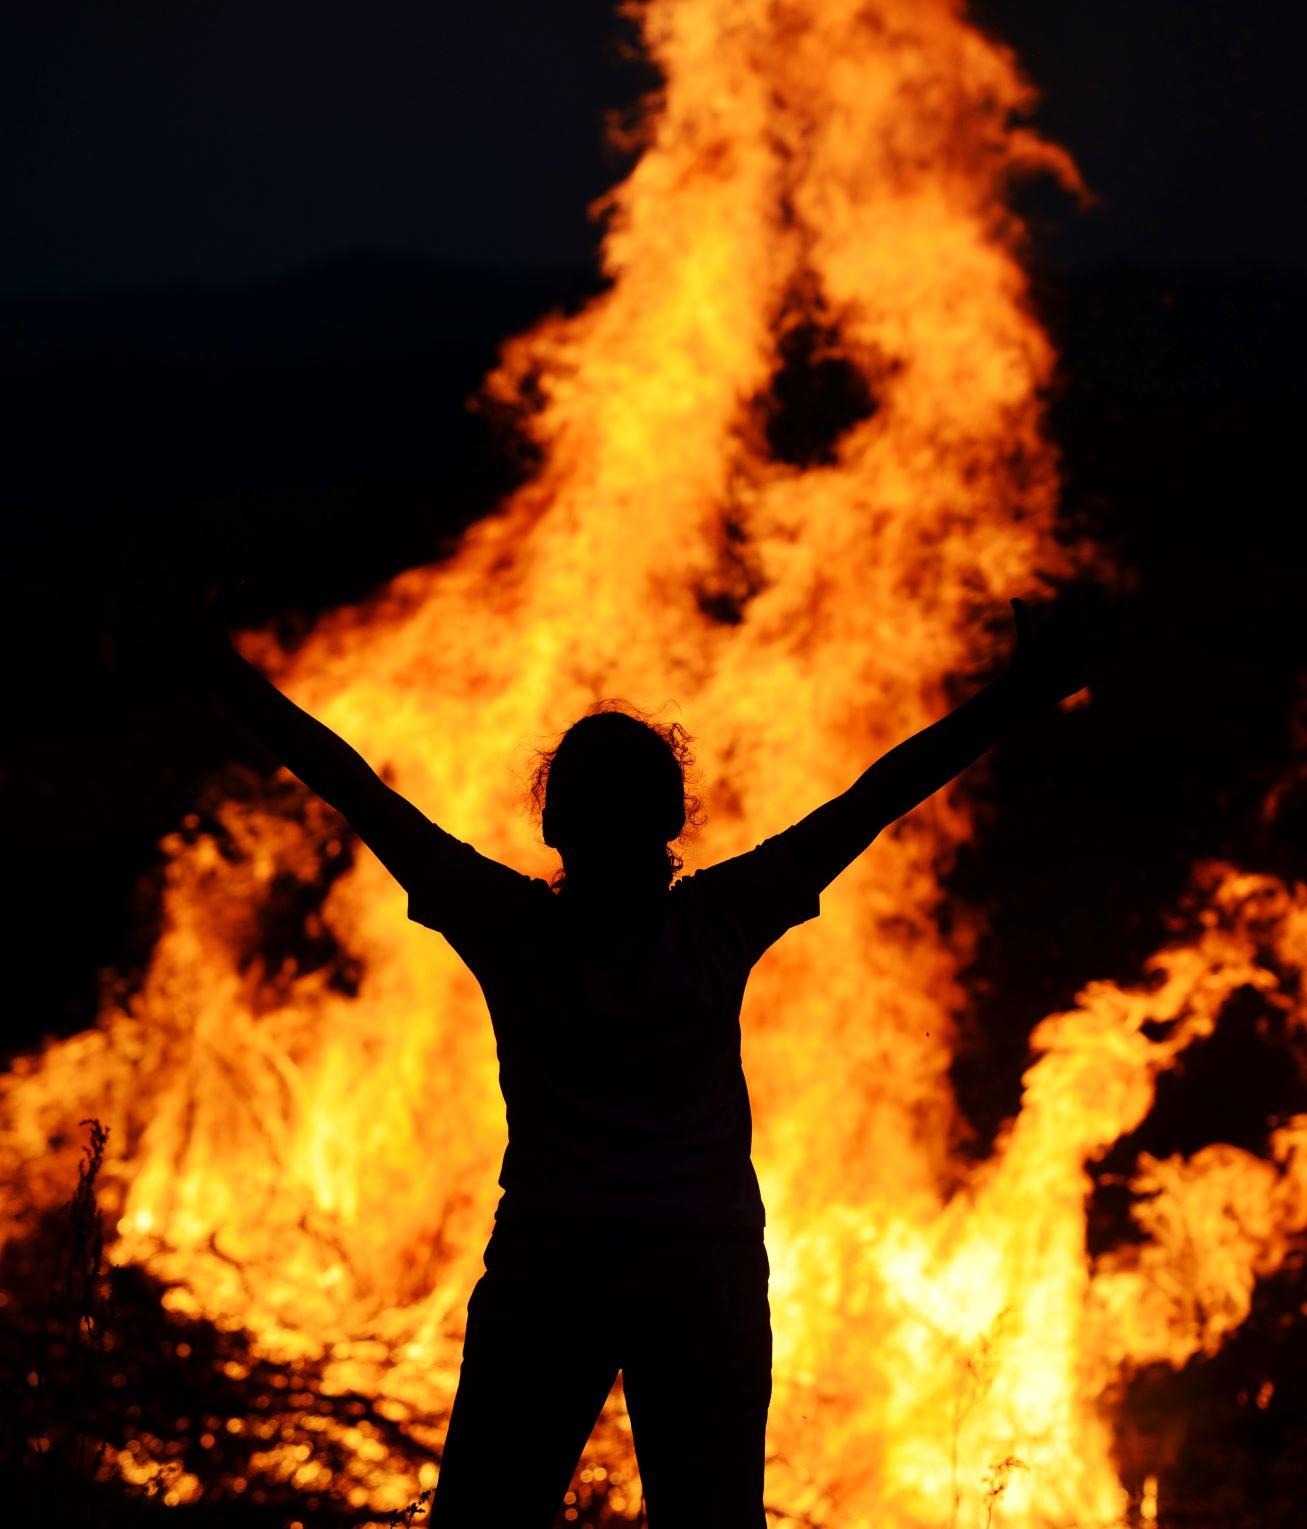 man-on-fire_BKWen6Bi